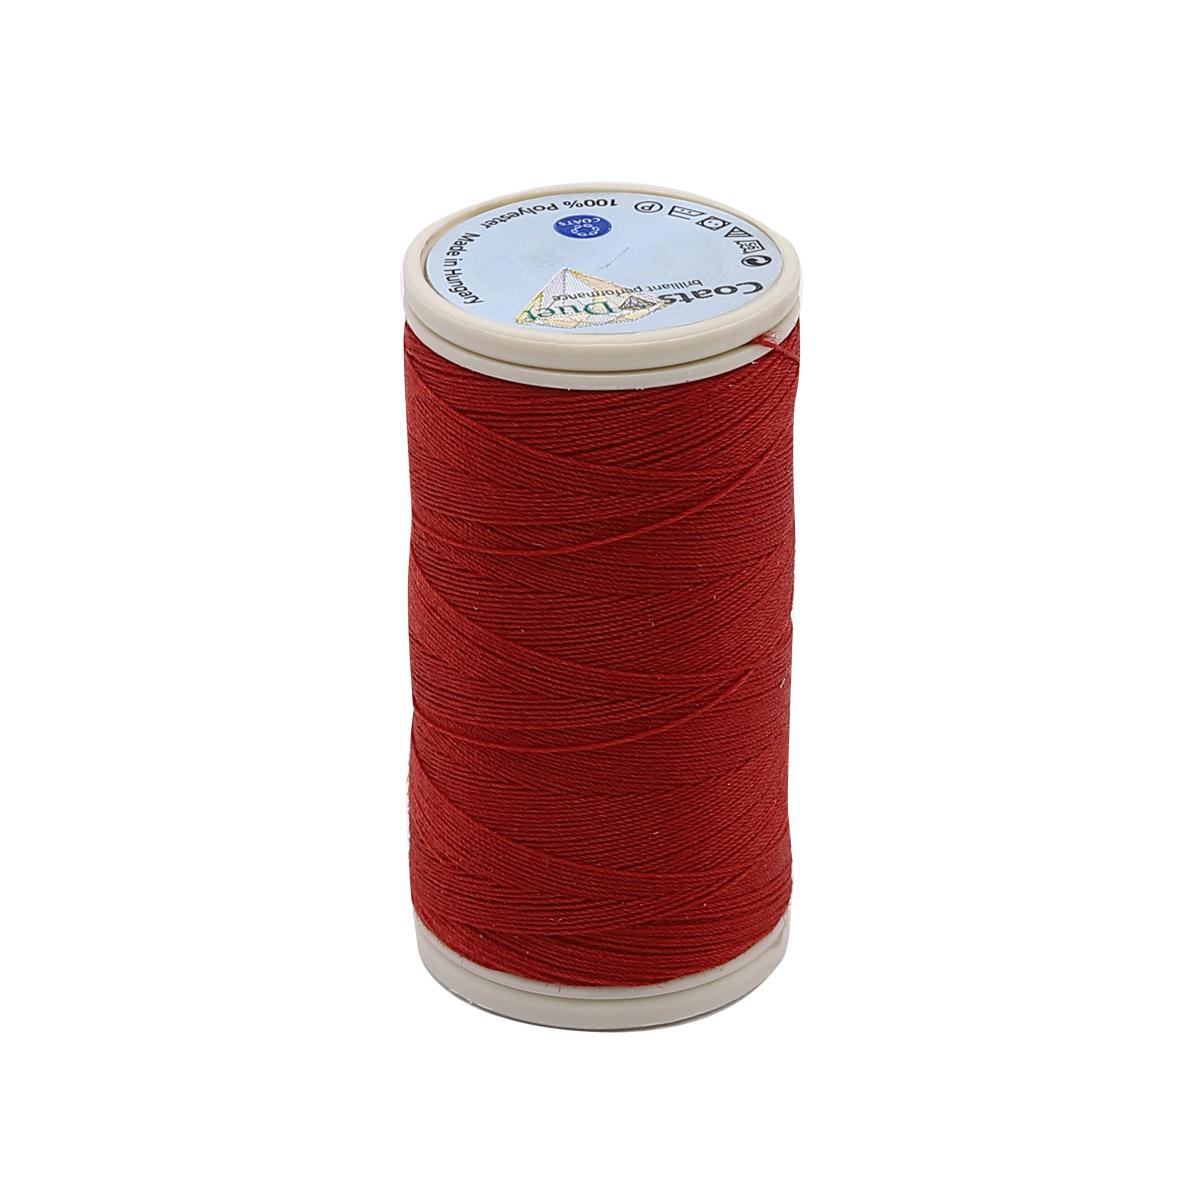 4645100-09229 Нитки швейные Coats Duet 100 м.